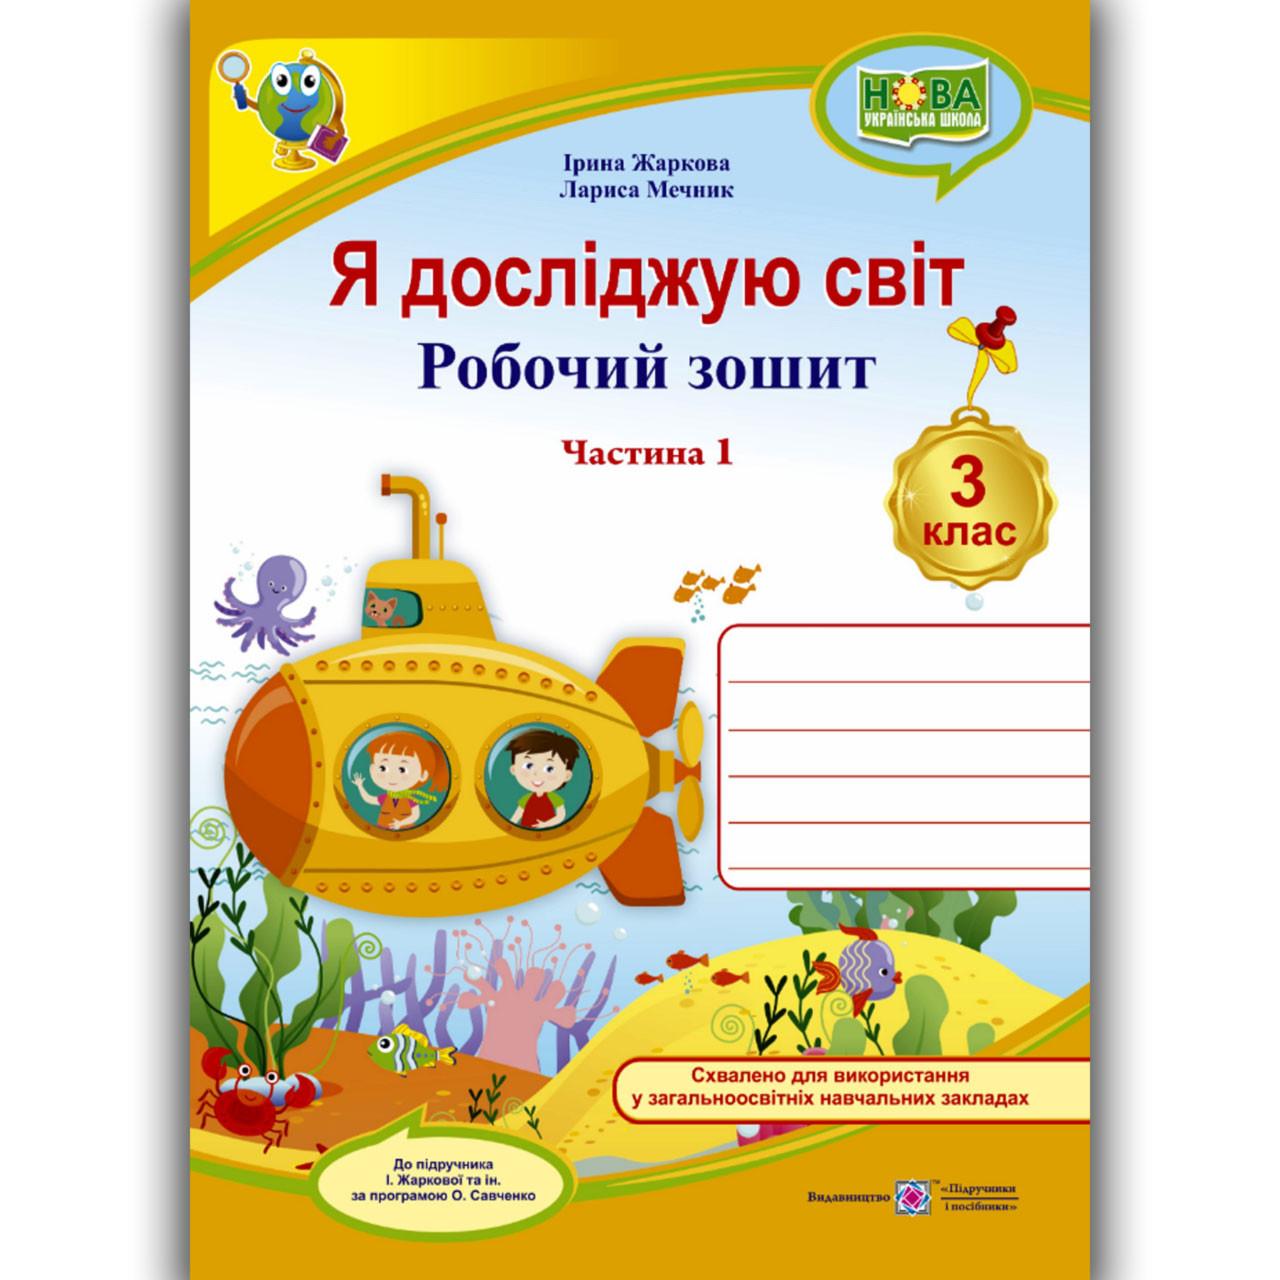 Зошит Я досліджую світ 3 клас 1 частина Авт: Жаркова І. Мечник Л. Вид: Підручники і Посібники